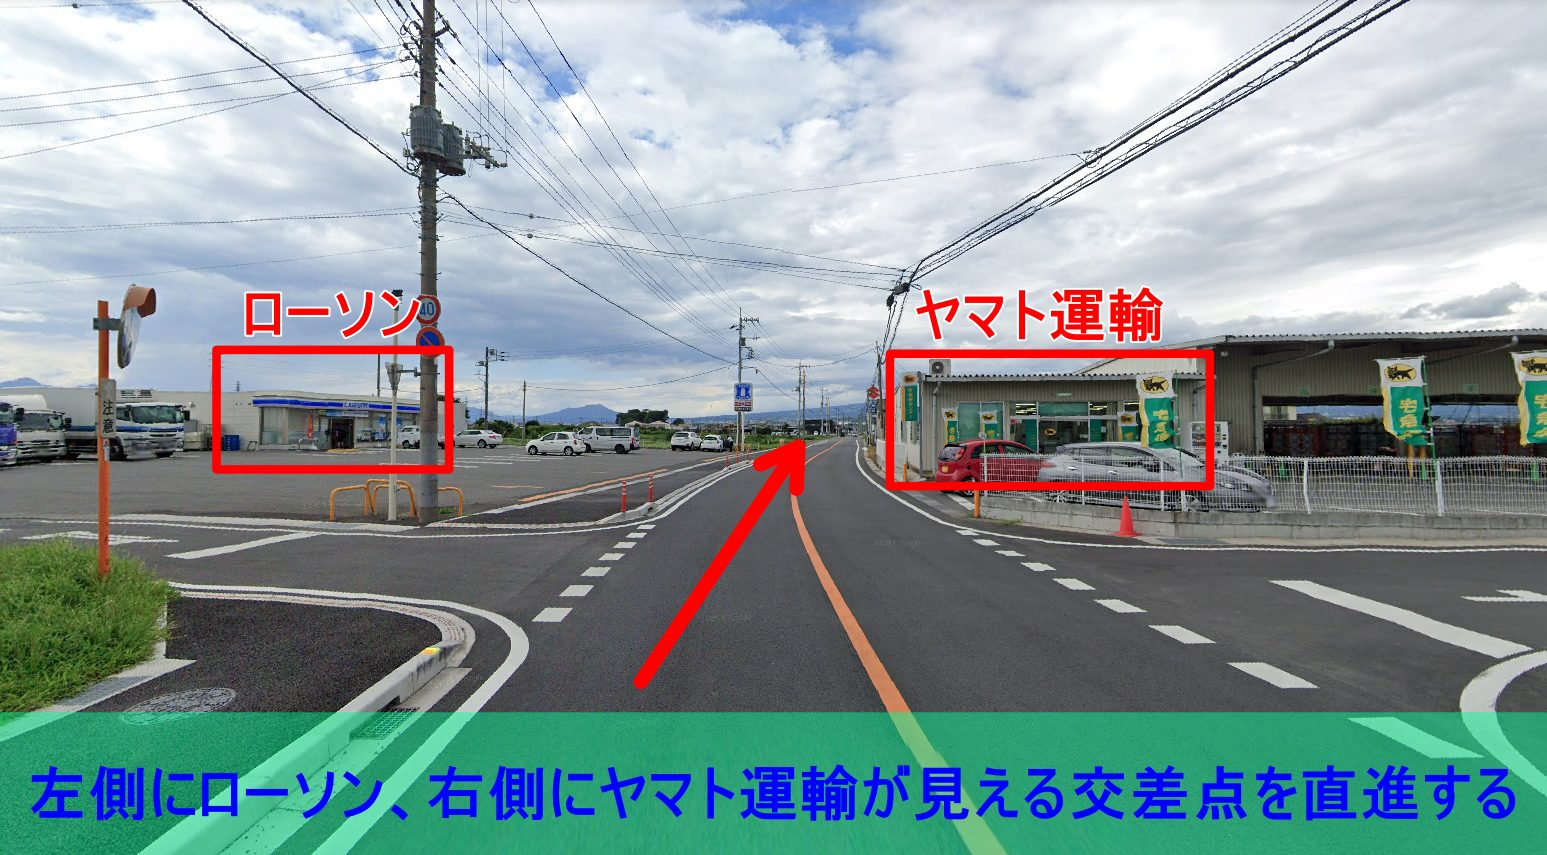 左側にローソン、右側にヤマト運輸が見える交差点の様子を撮影した写真